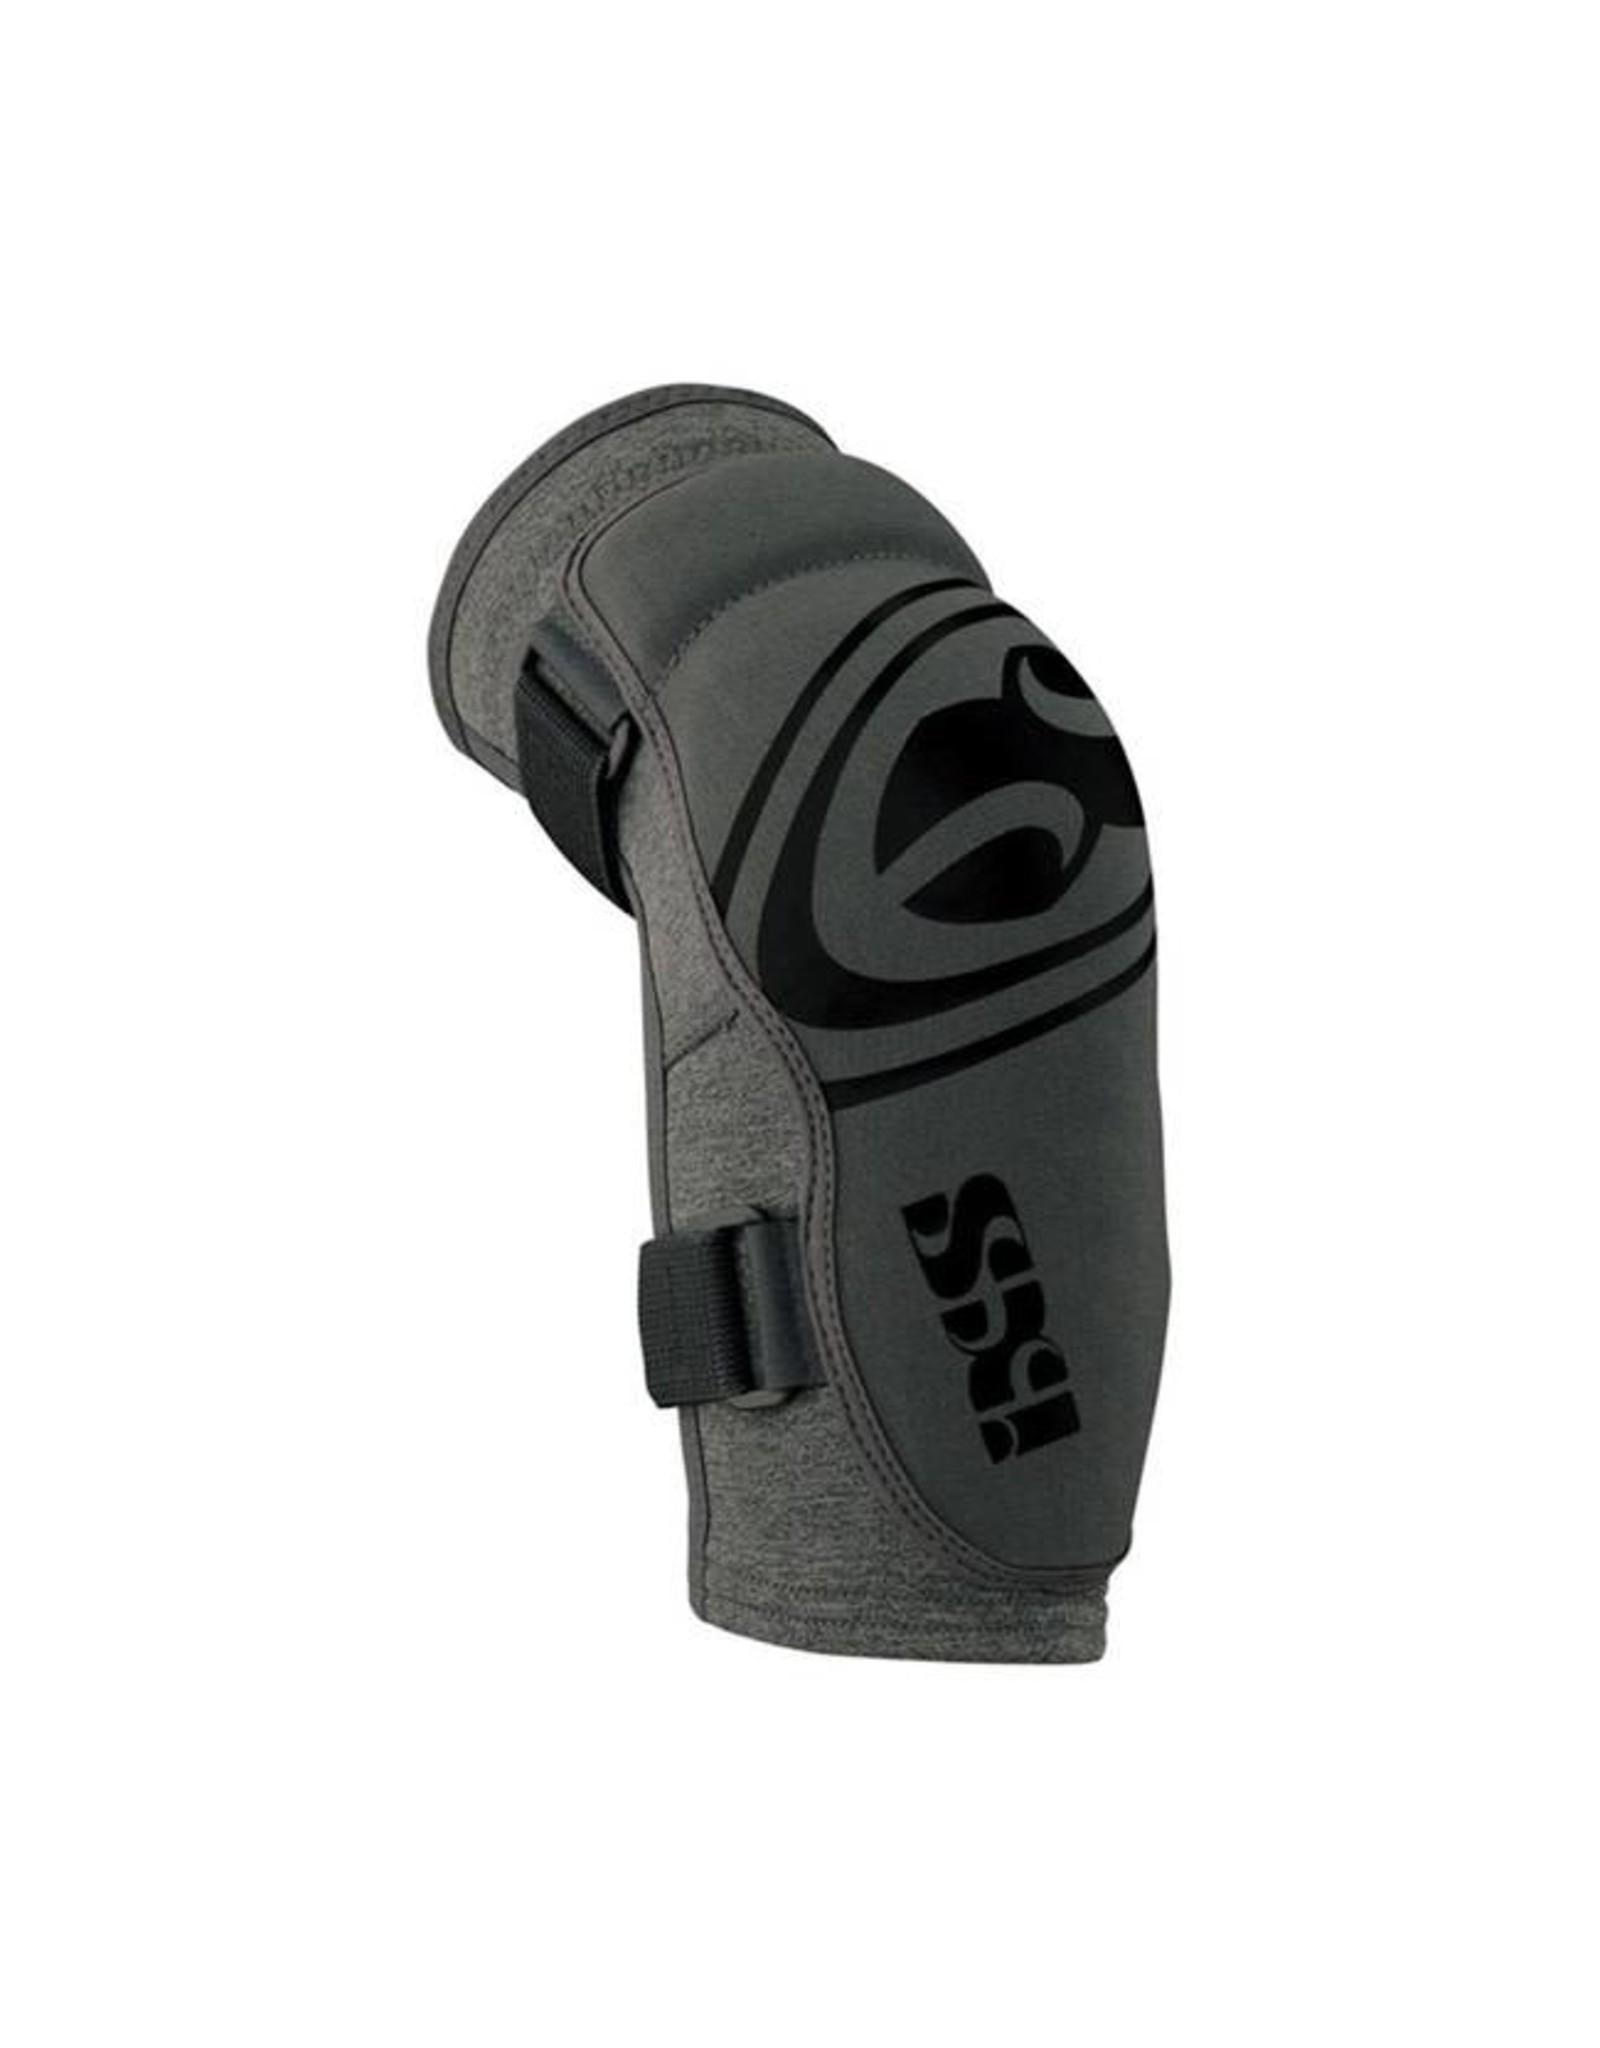 IXS iXS Carve Evo+ Elbow Pads: Gray MD